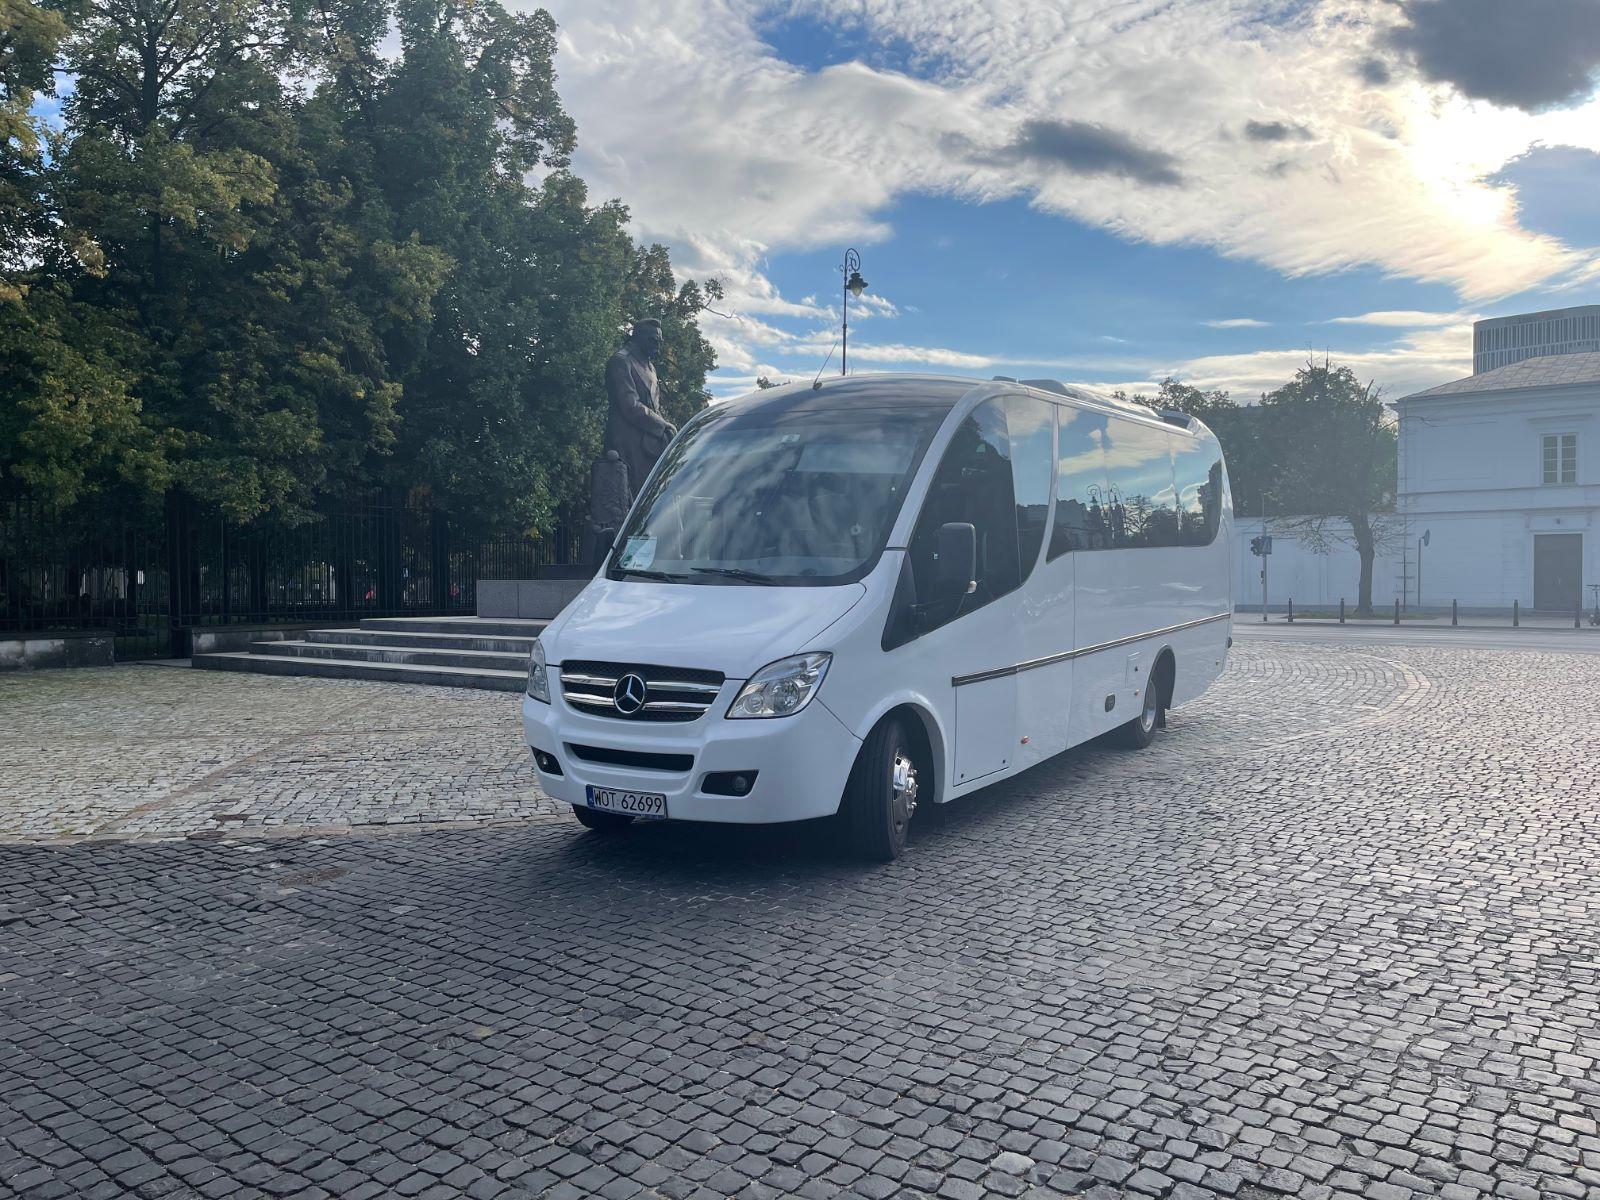 Zdjęcie przedstawia wynajęty bus turystyczny w trakcie wycieczki po Warszawie